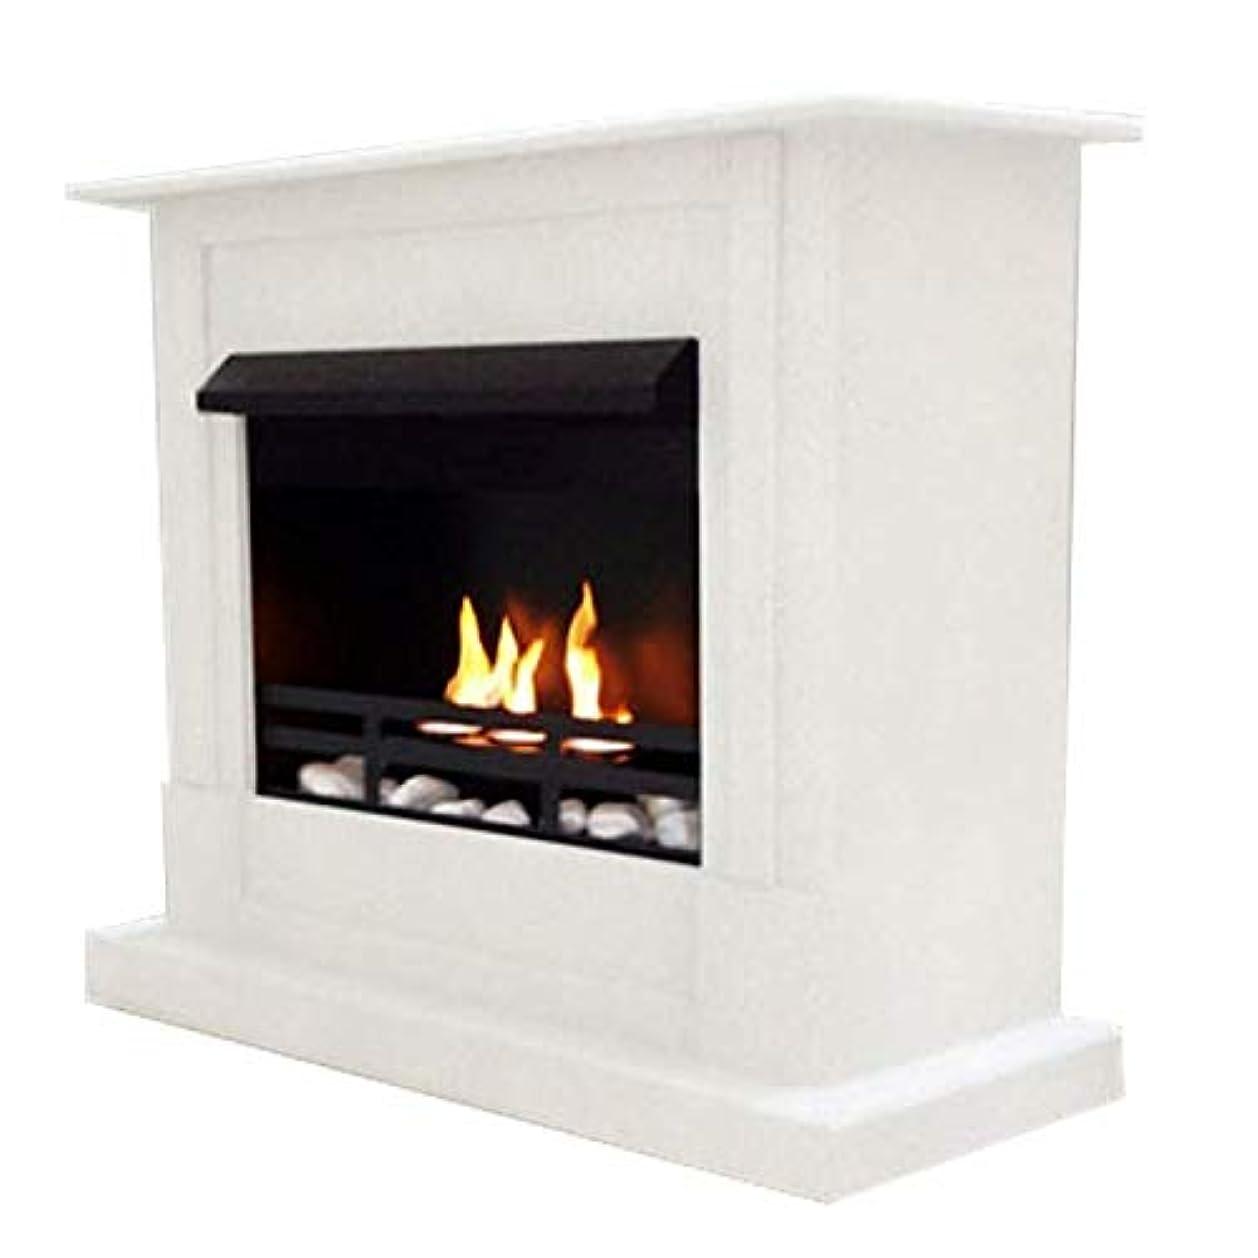 一極小休日にジェル+ ethanol fire-places Emilyデラックスinclusive : 1調節可能なstainless-steel Burner ホワイト 10080